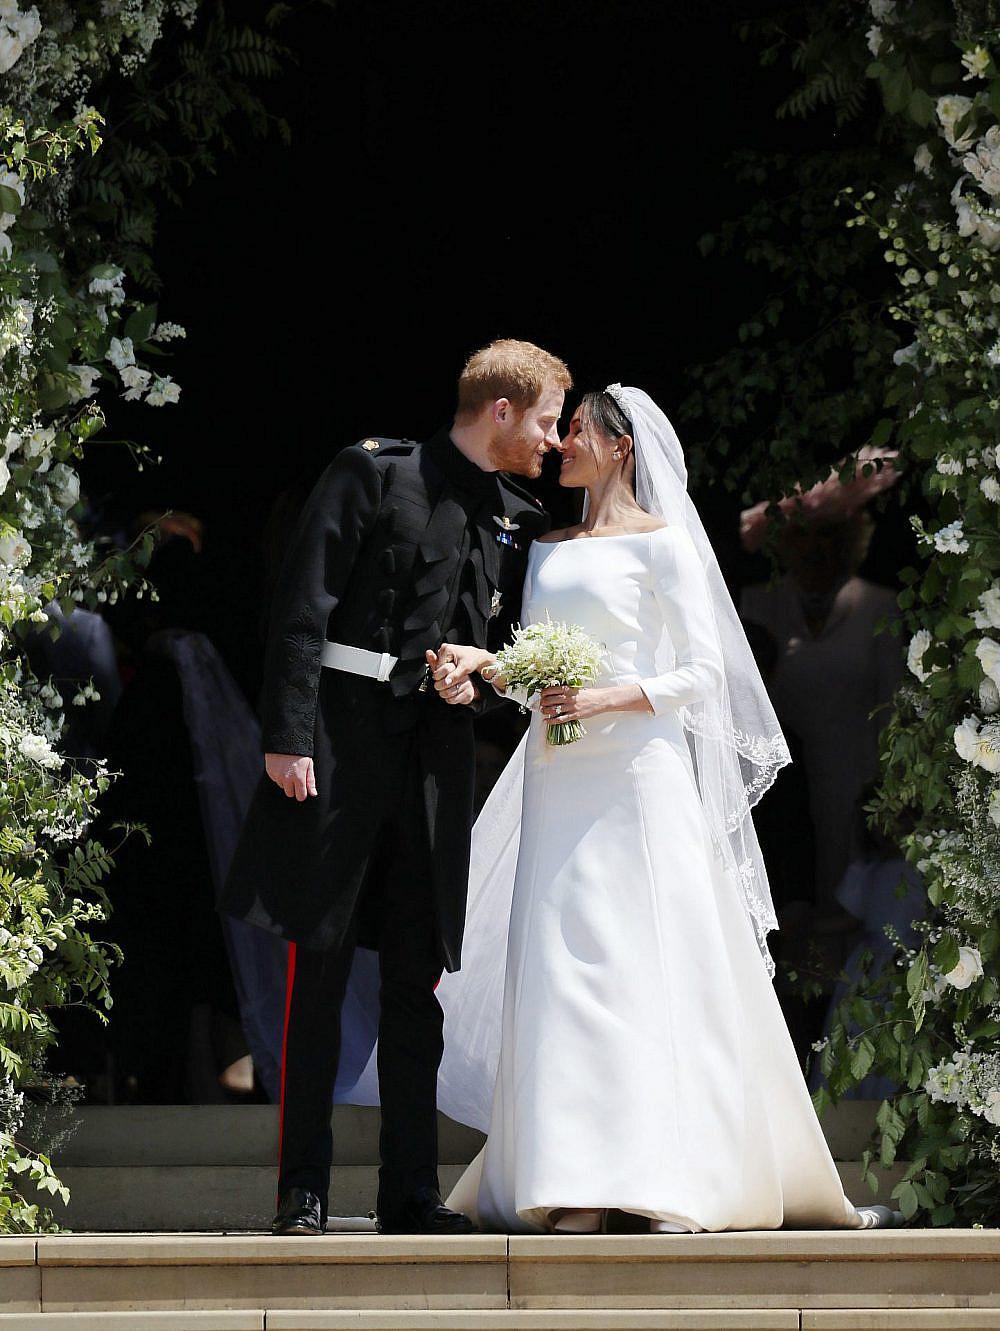 מייגן מרקל והנסיך הארי בחתנוה | צילום: Jane Barlow – WPA Pool/Getty Images